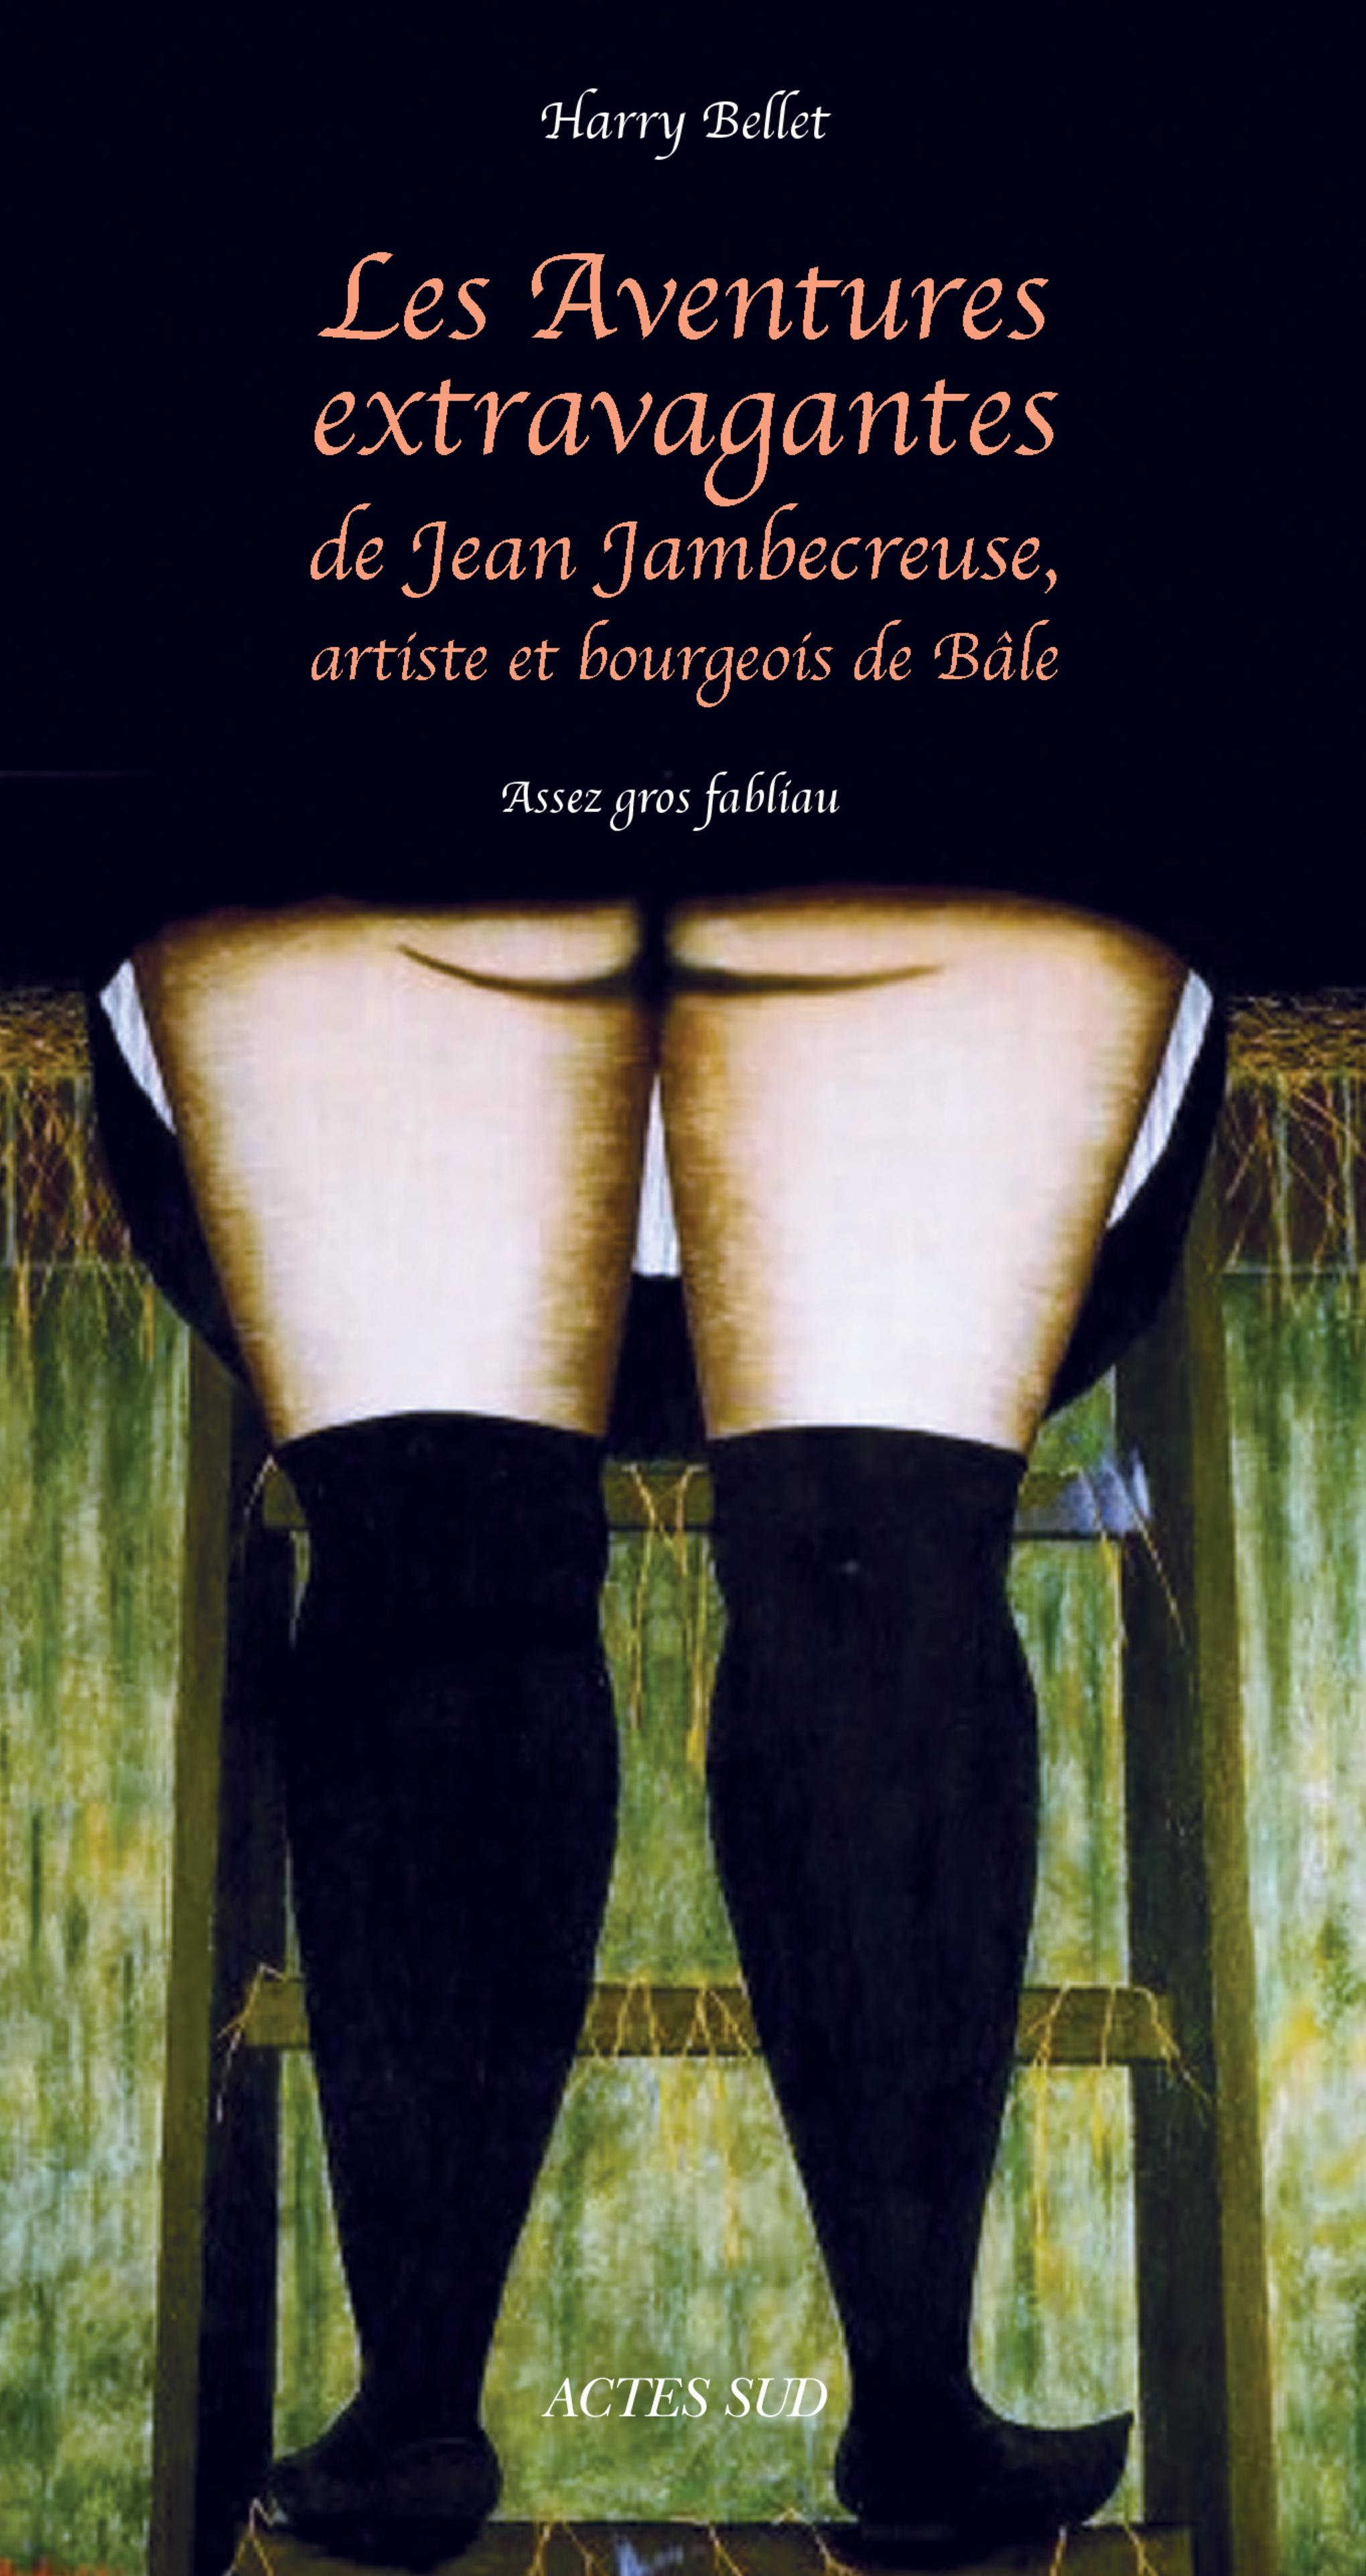 Les Aventures extravagantes de Jean Jambecreuse, artiste et bourgeois de Bâle